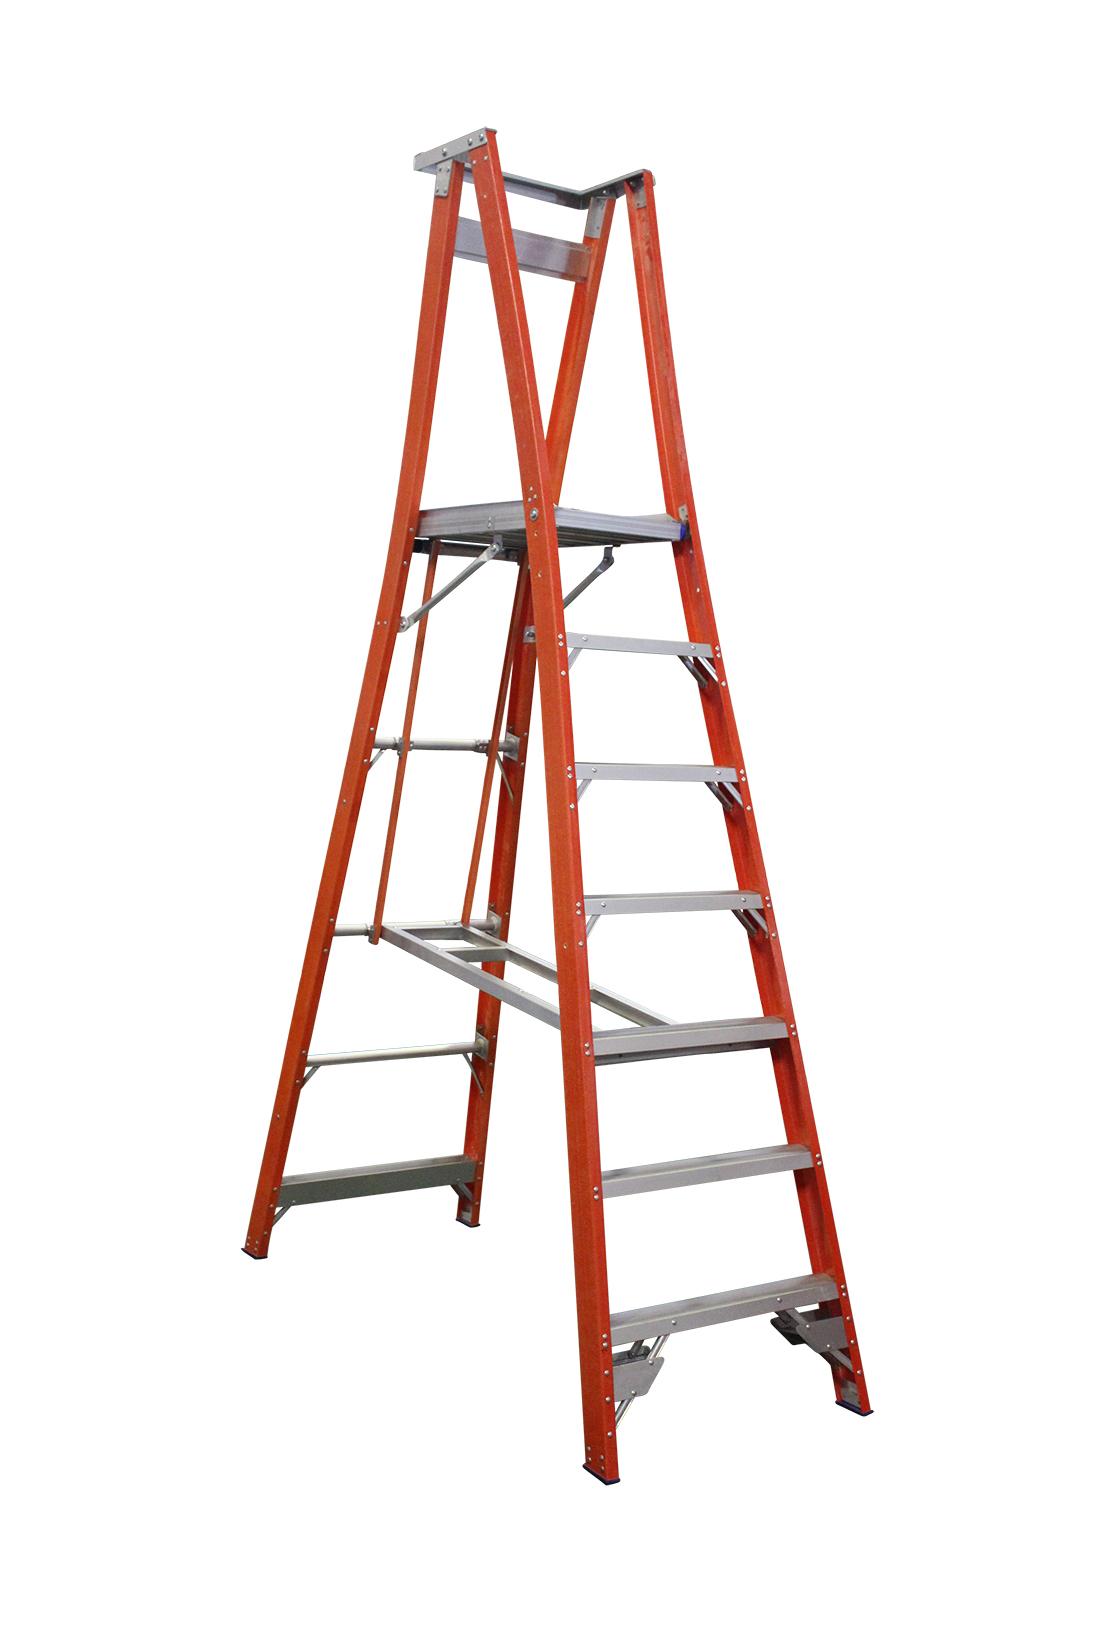 Indalex Pro Series Fibreglass Platform Ladder 7 Steps 10ft